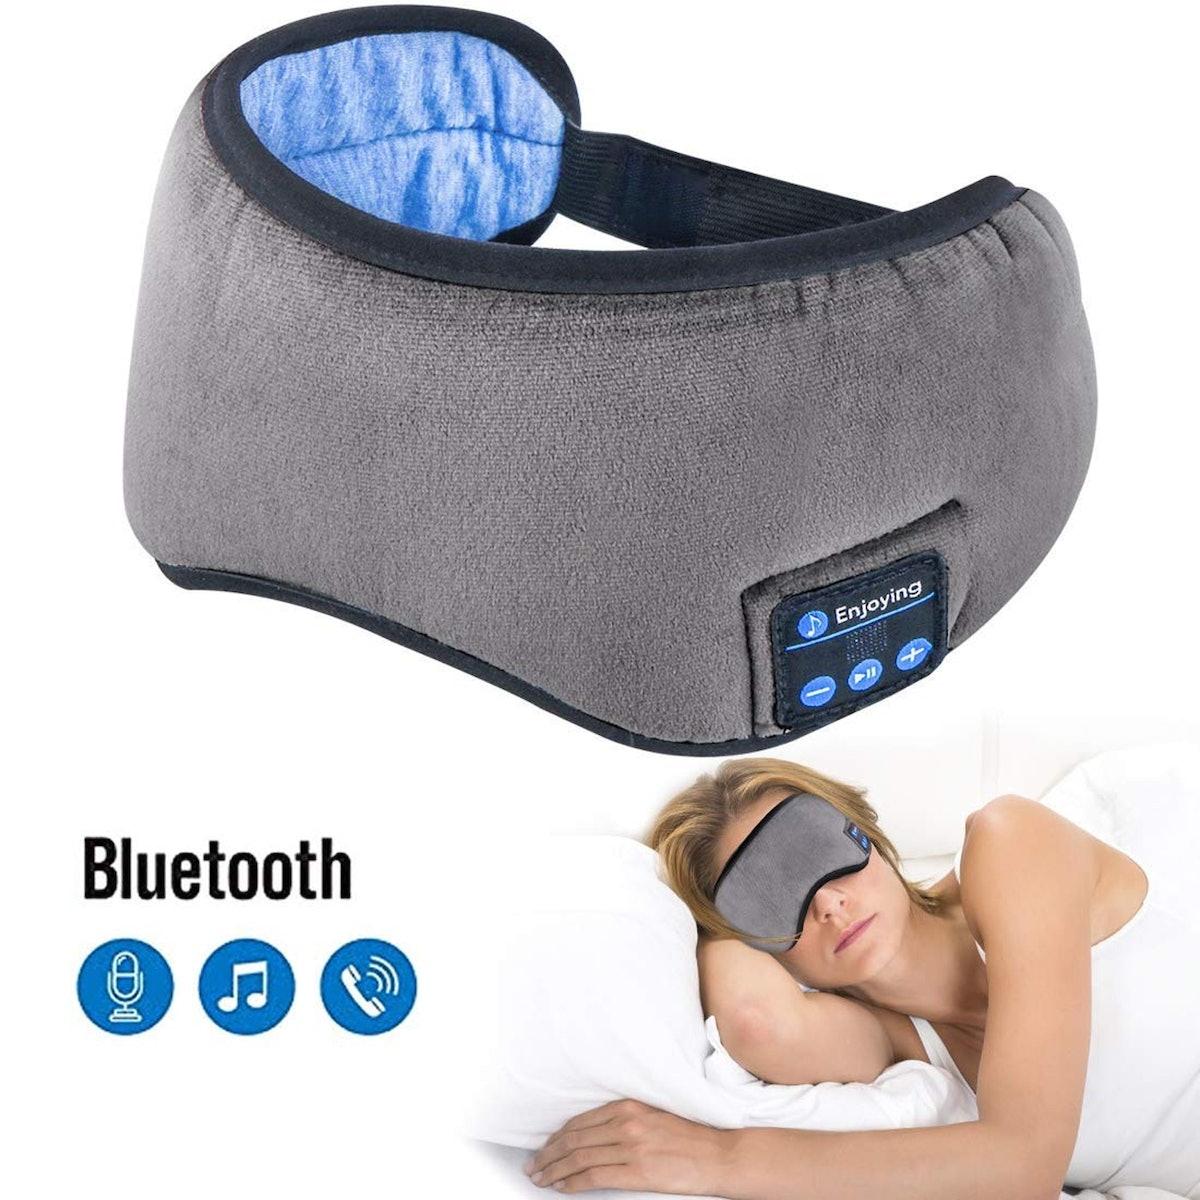 Homder Bluetooth Sleep Headphones